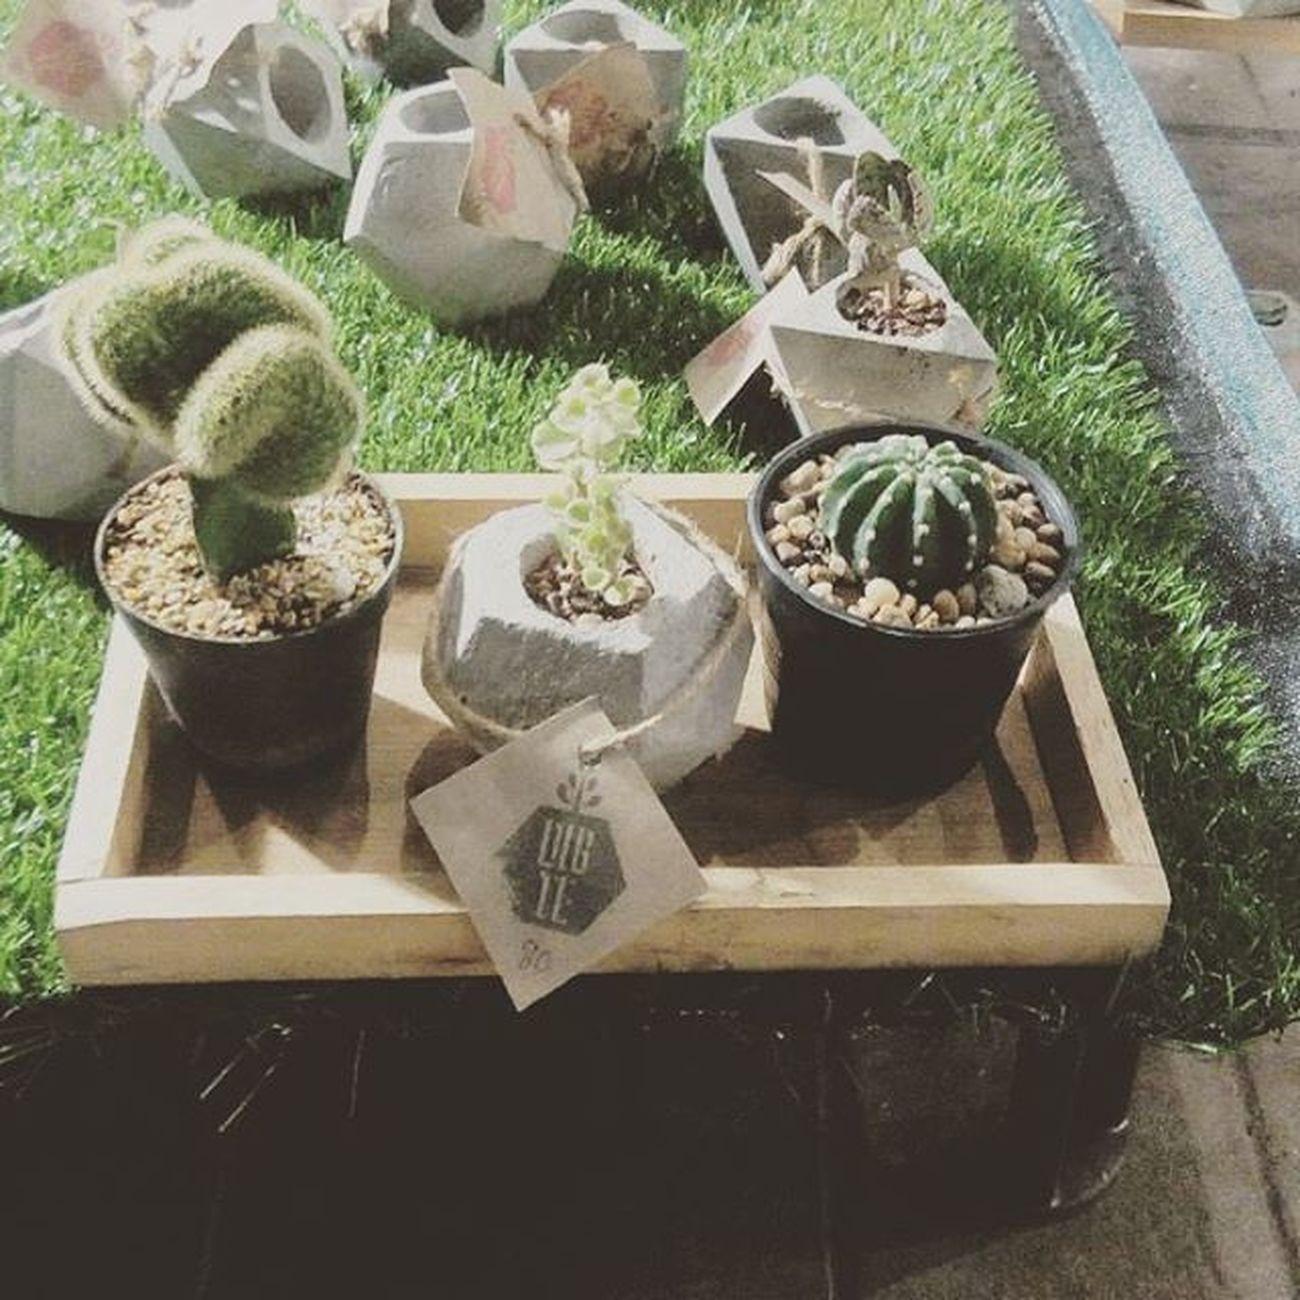 กระถางชุดเล็ก 80บาท กระบองเพชร กระถาง กระถางปลูกต้นไม้ กระถางกระบองเพชร Loft Rustic DIY Design Dib_te Gardening Gardener Garden Gardenia Cactusthailand Cactuslove Cactusmagazine Cacti Cactusclub Cactusclubcafe Secculent Sacculent